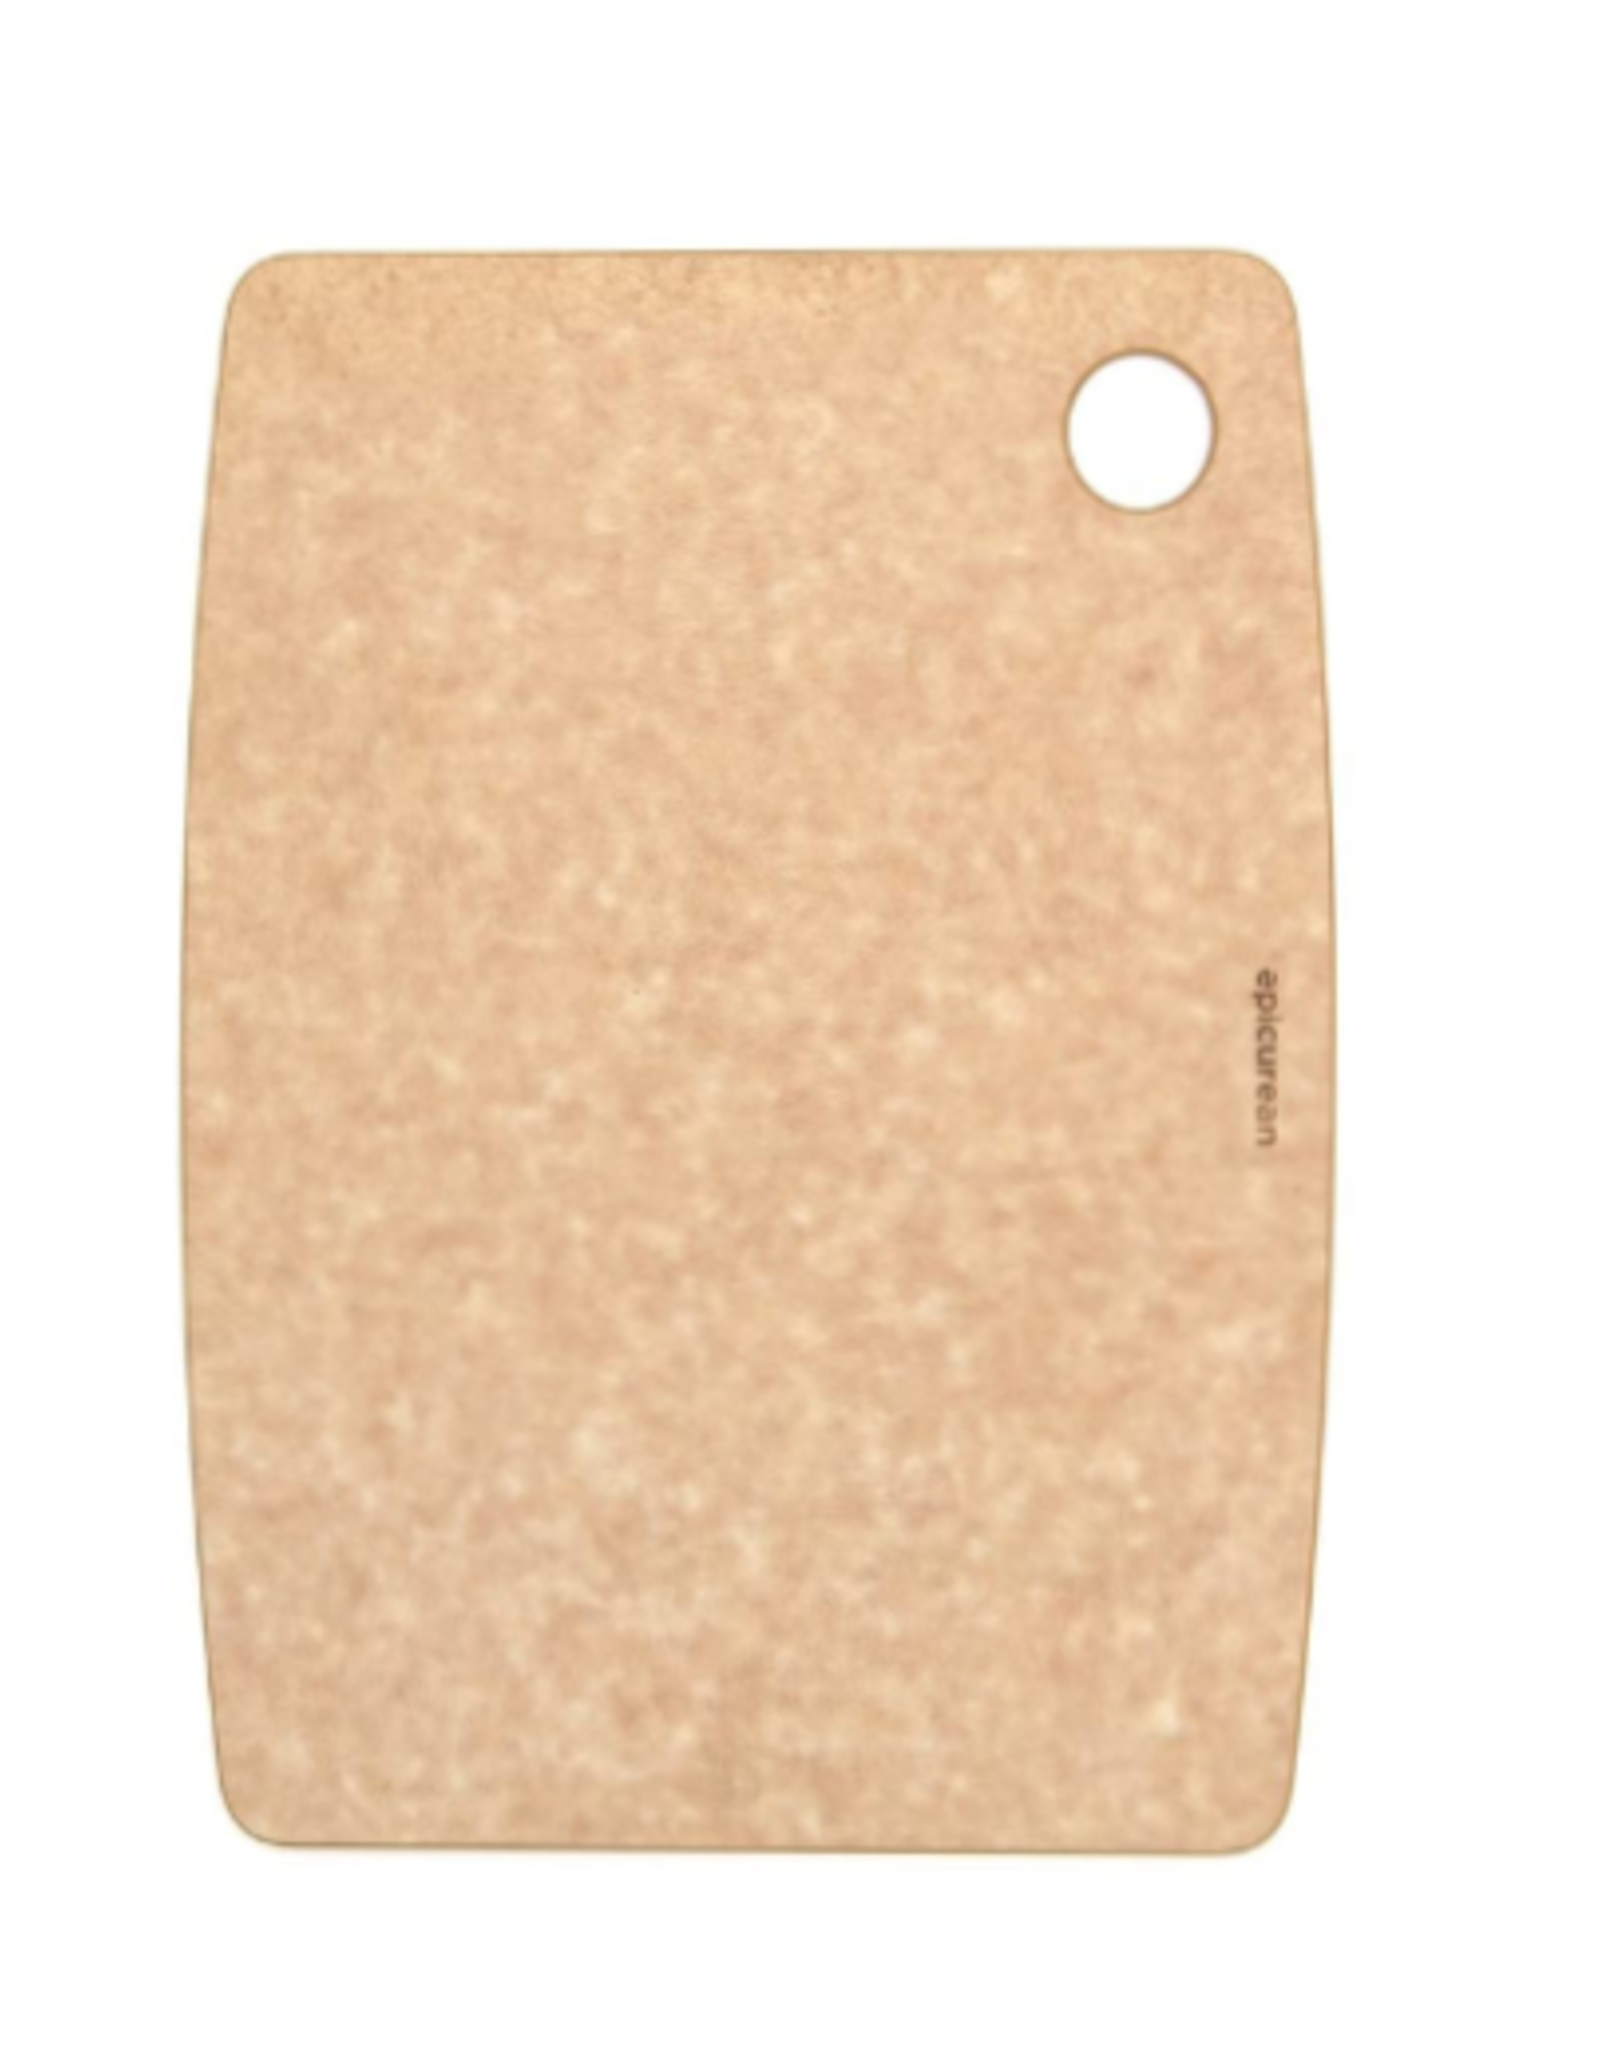 Epicurean Epicurean KS 12X9 Natural Cutting Board